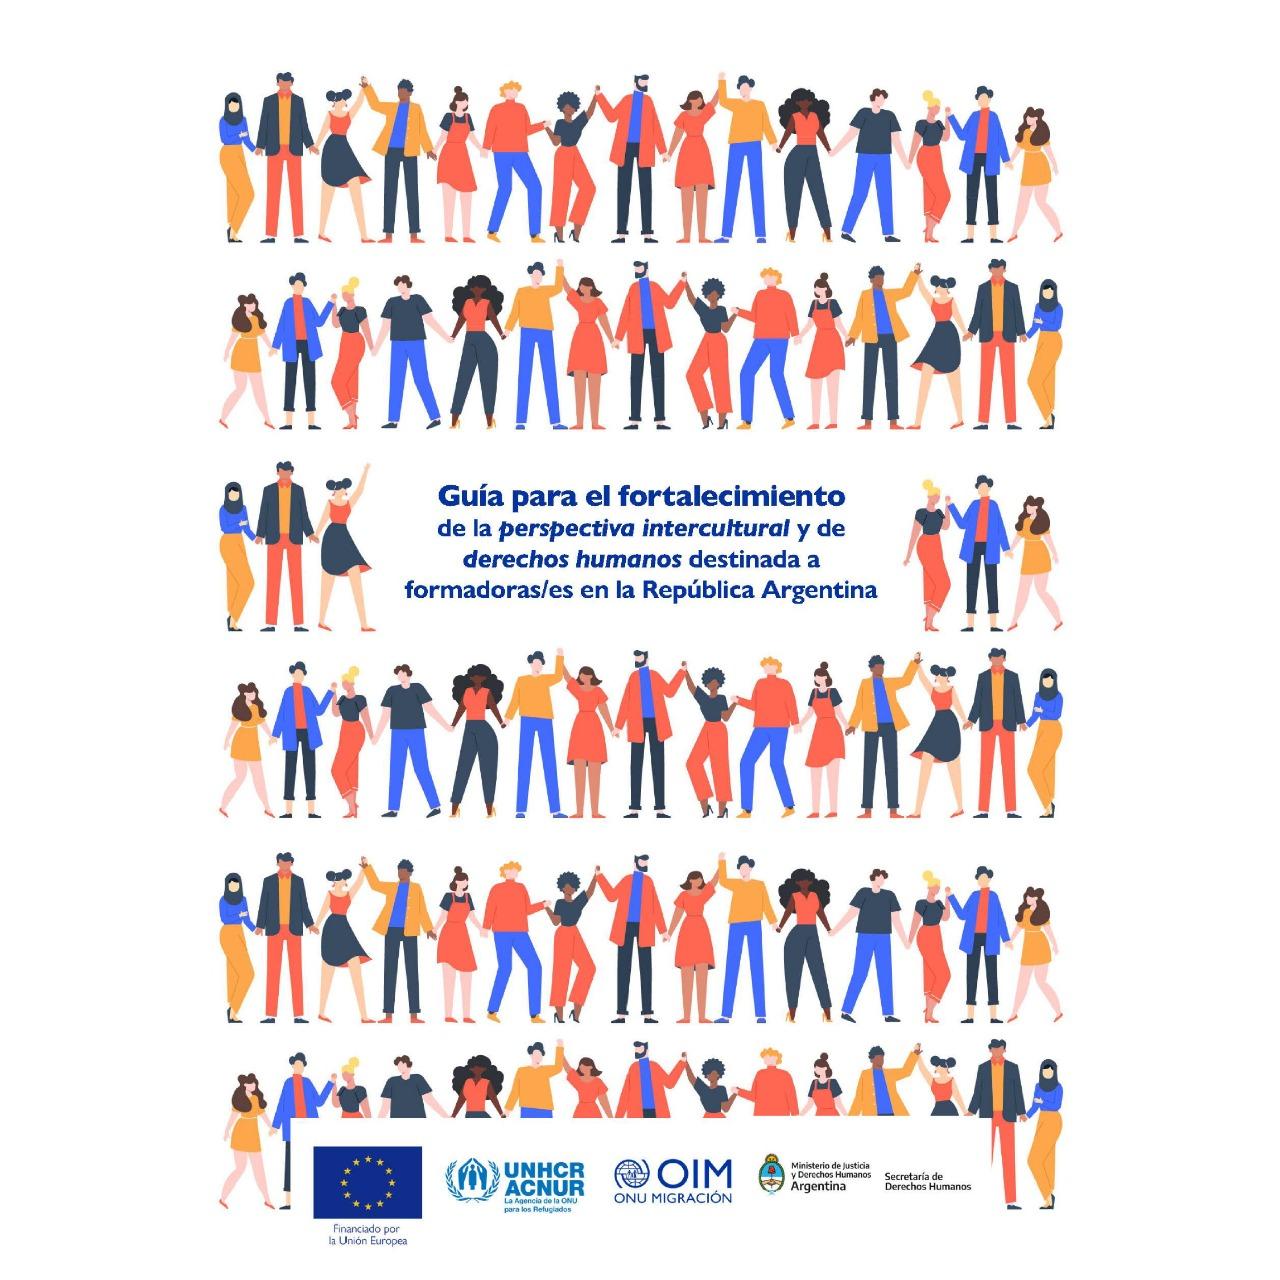 Se presentó la Guía para el fortalecimiento de la perspectiva intercultural y de derechos humanos destinada a formadoras y formadores en la República Argentina